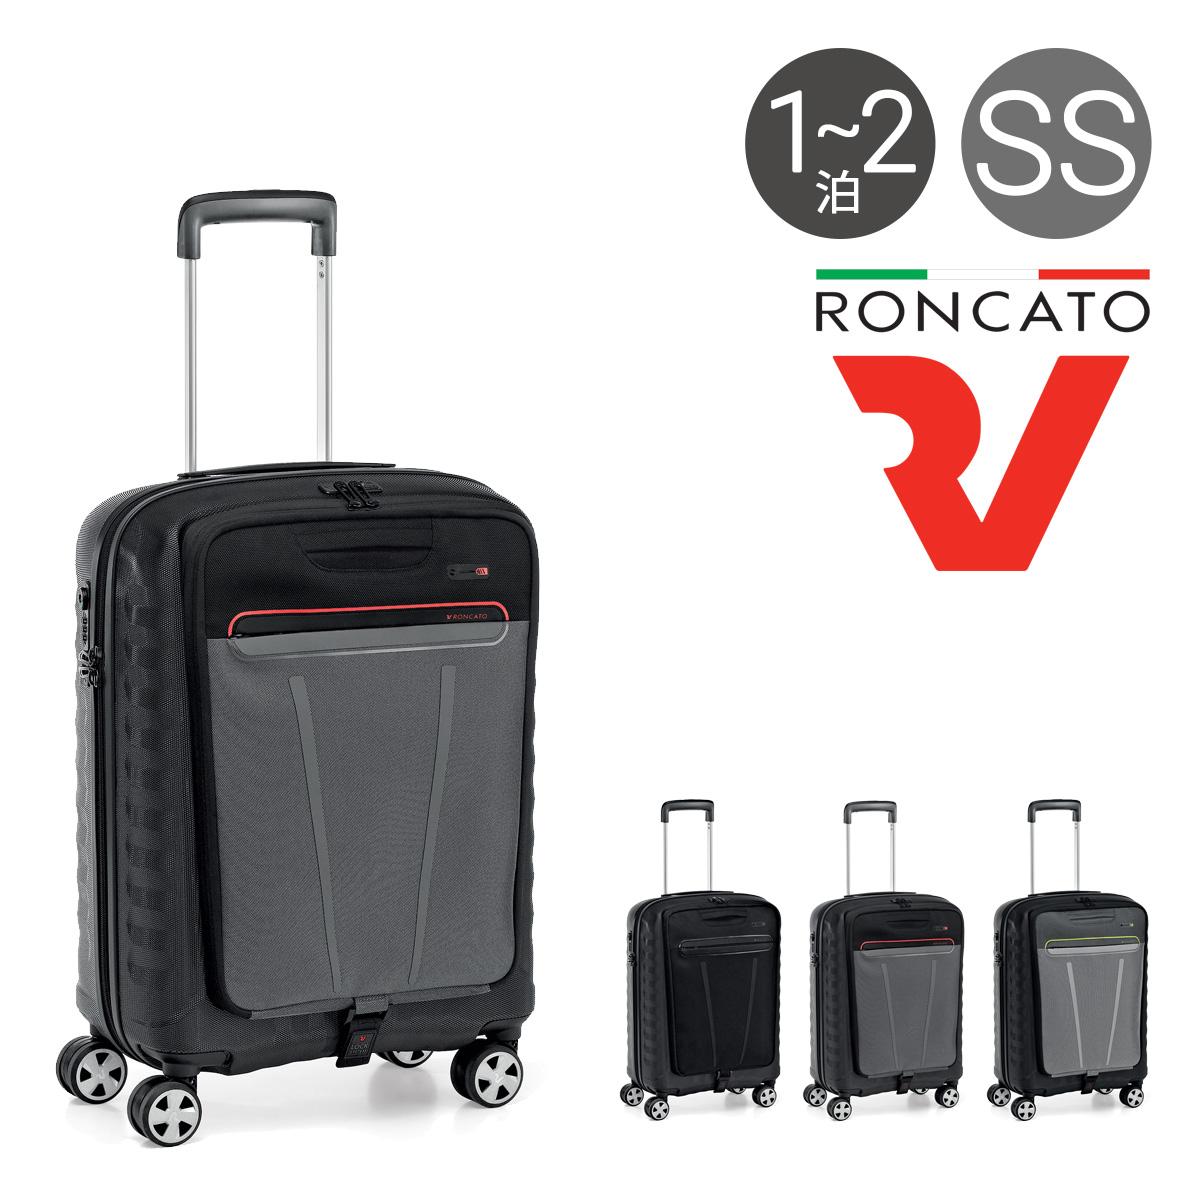 ロンカート スーツケース 5145 DOUBLE 55cm 【 ダブル 10年保証 フロントオープン 軽量 イタリア製 TSAロック搭載 キャリーケース 】【PO10】【bef】